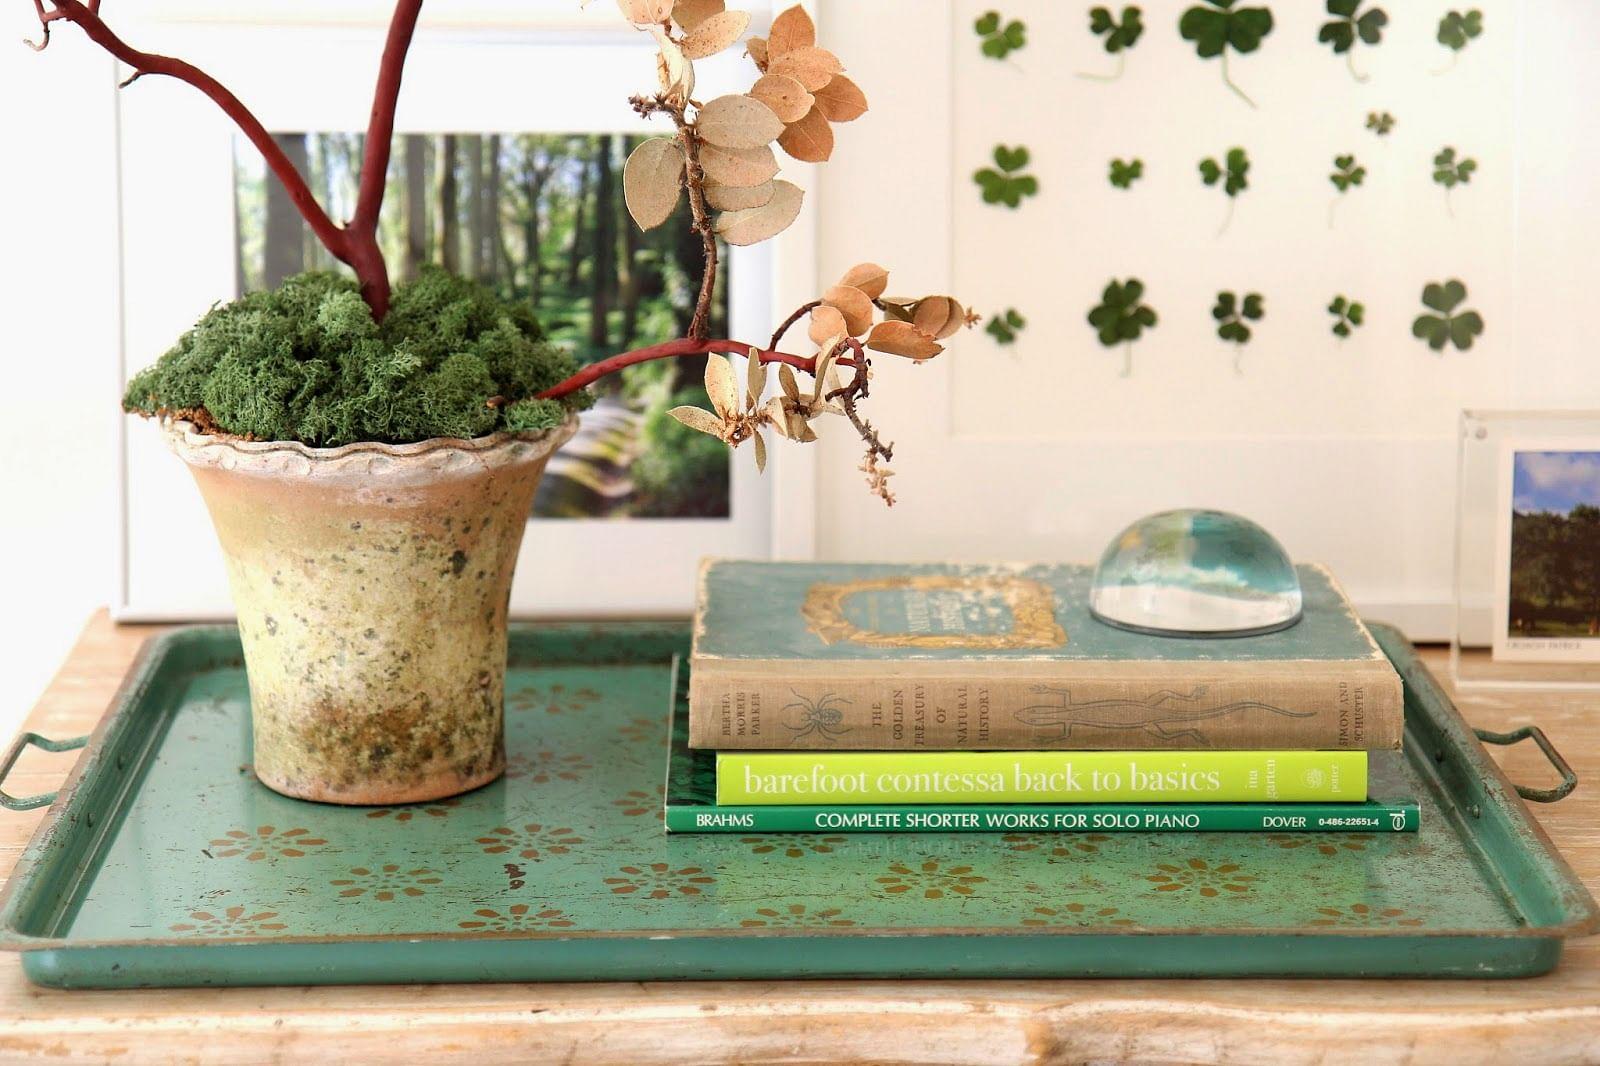 vignette, books, plants